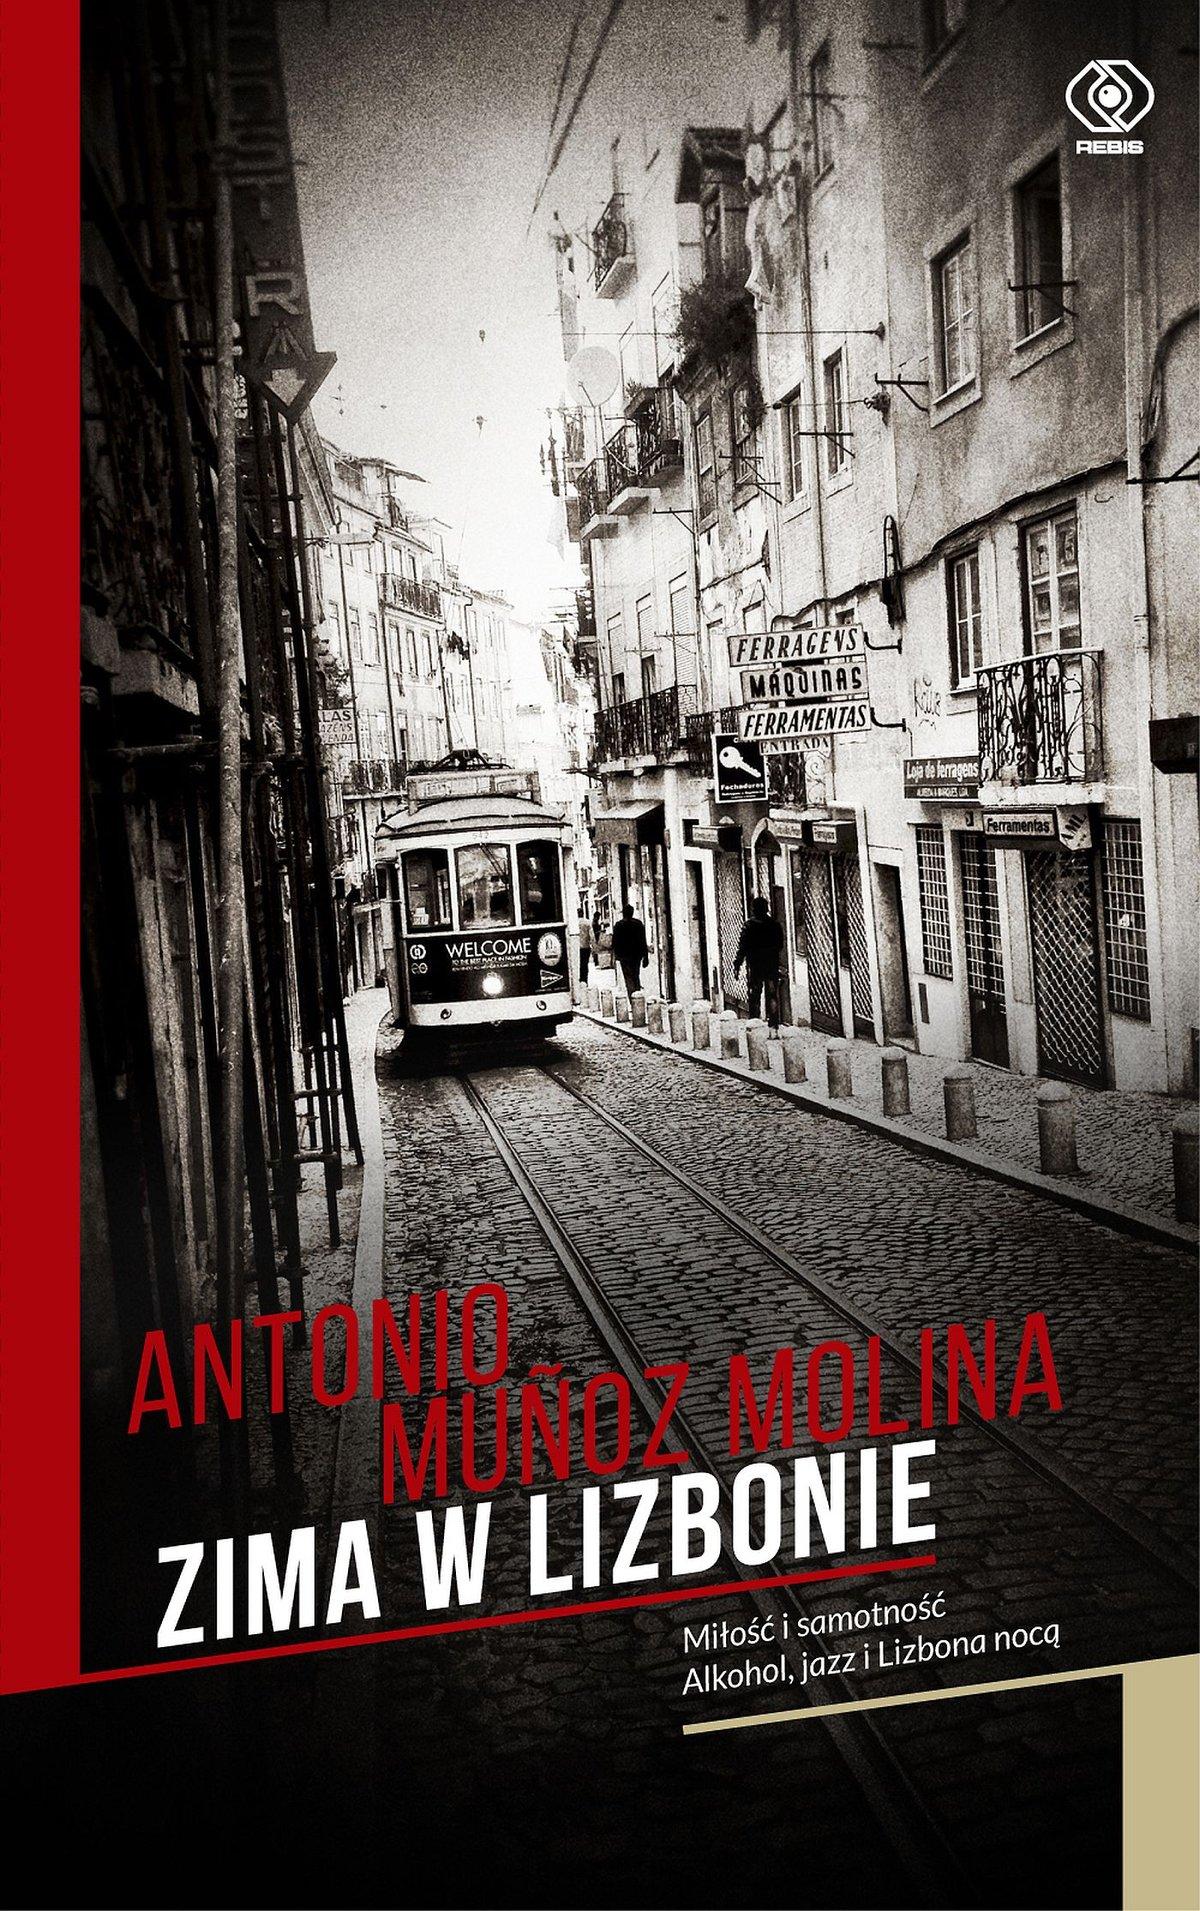 Zima w Lizbonie - Ebook (Książka EPUB) do pobrania w formacie EPUB